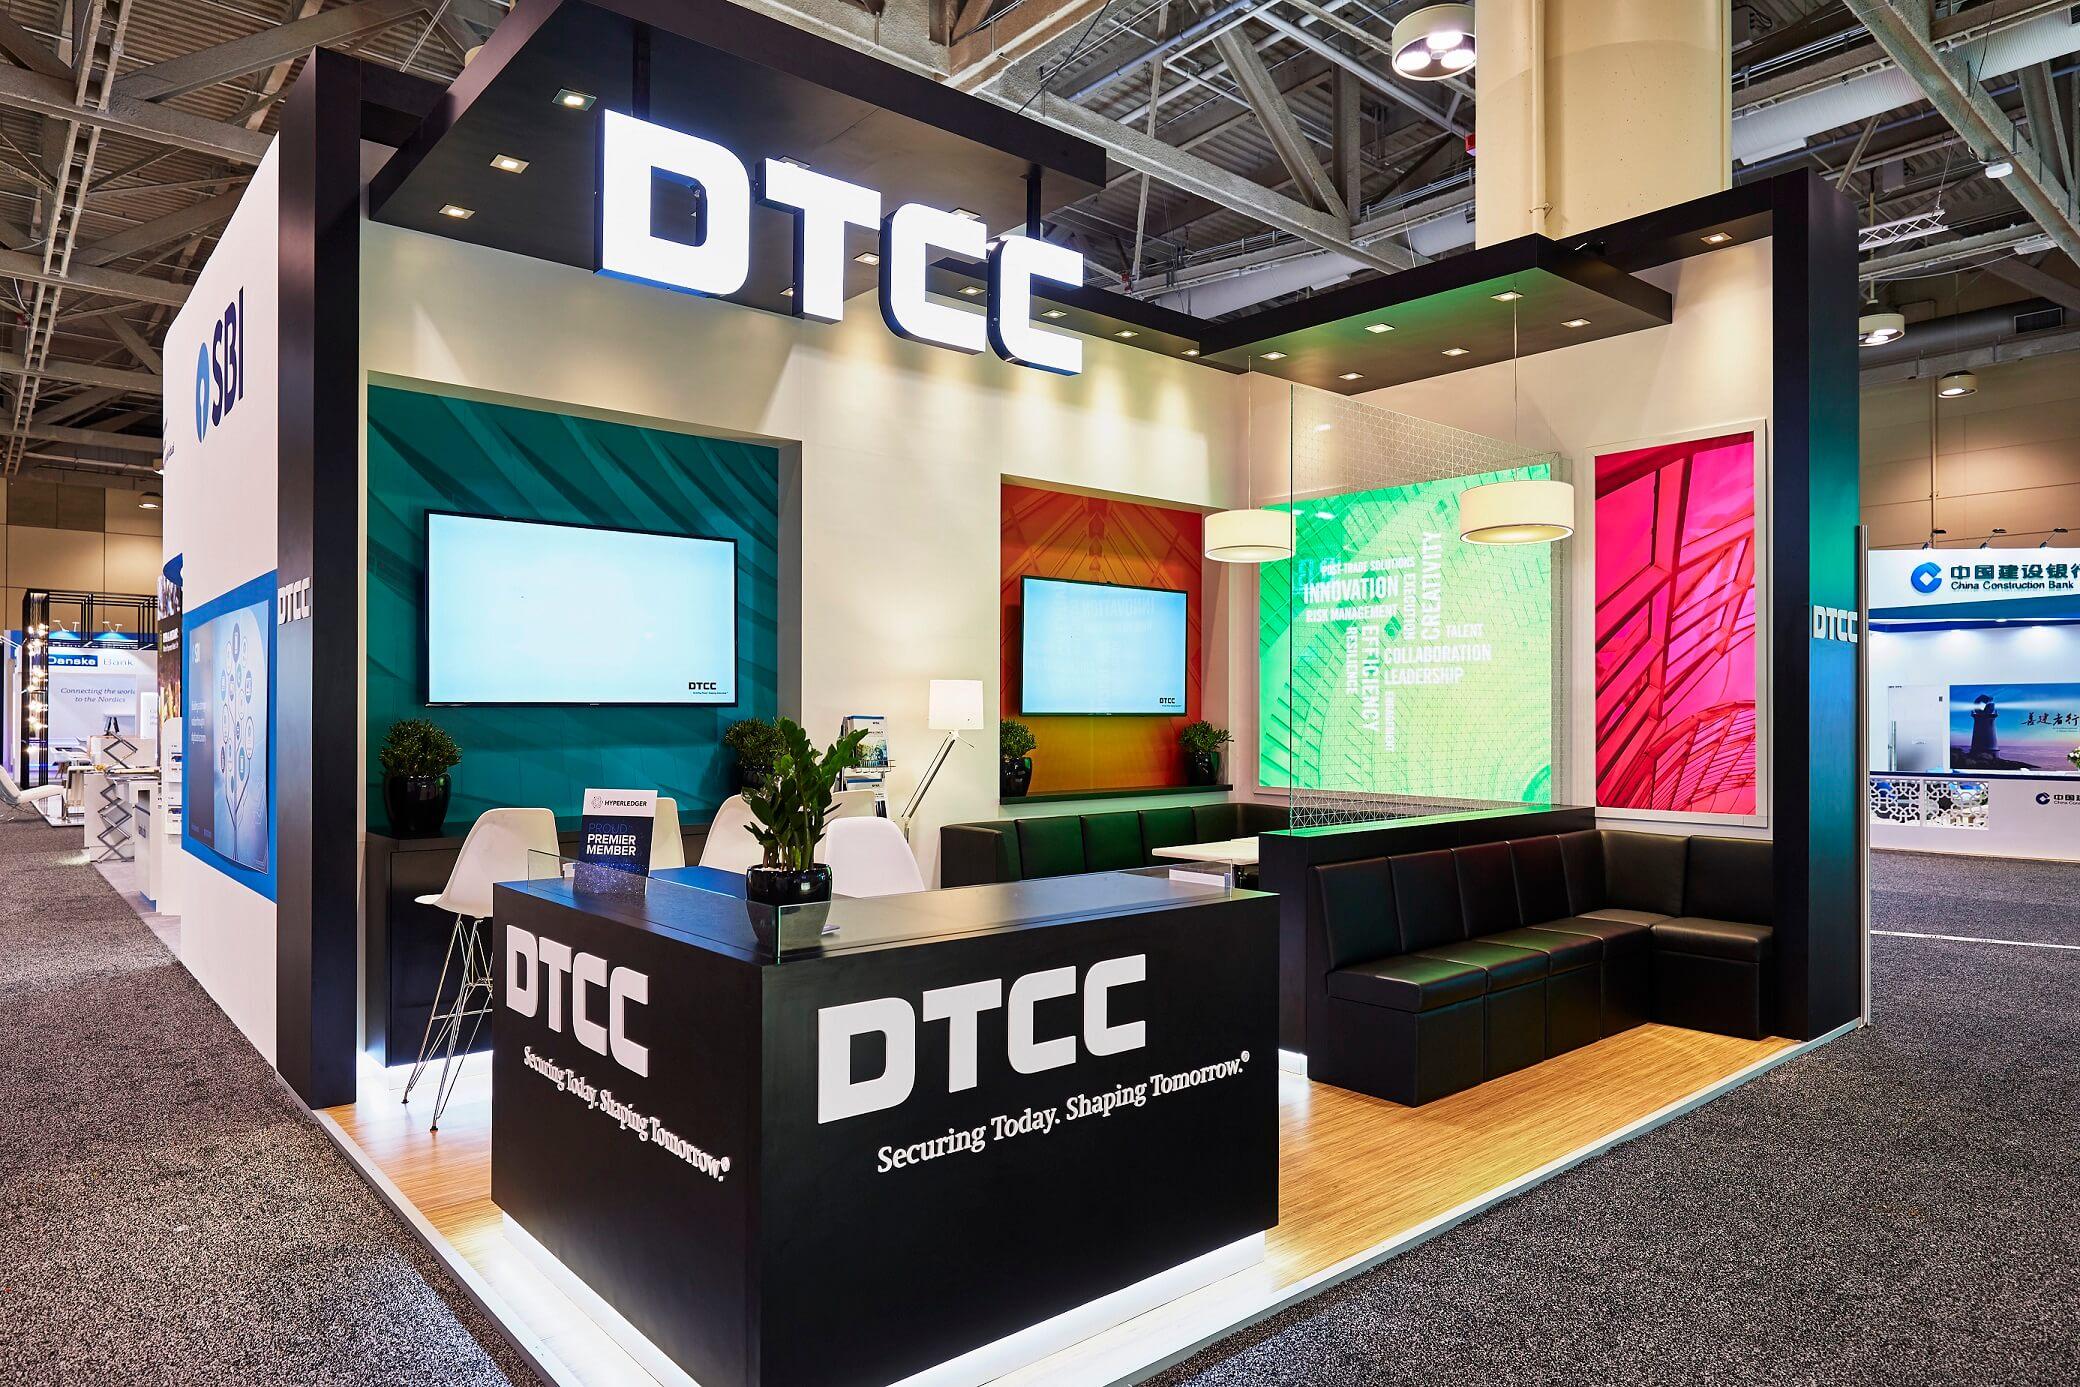 DTCC, Sibos 2017